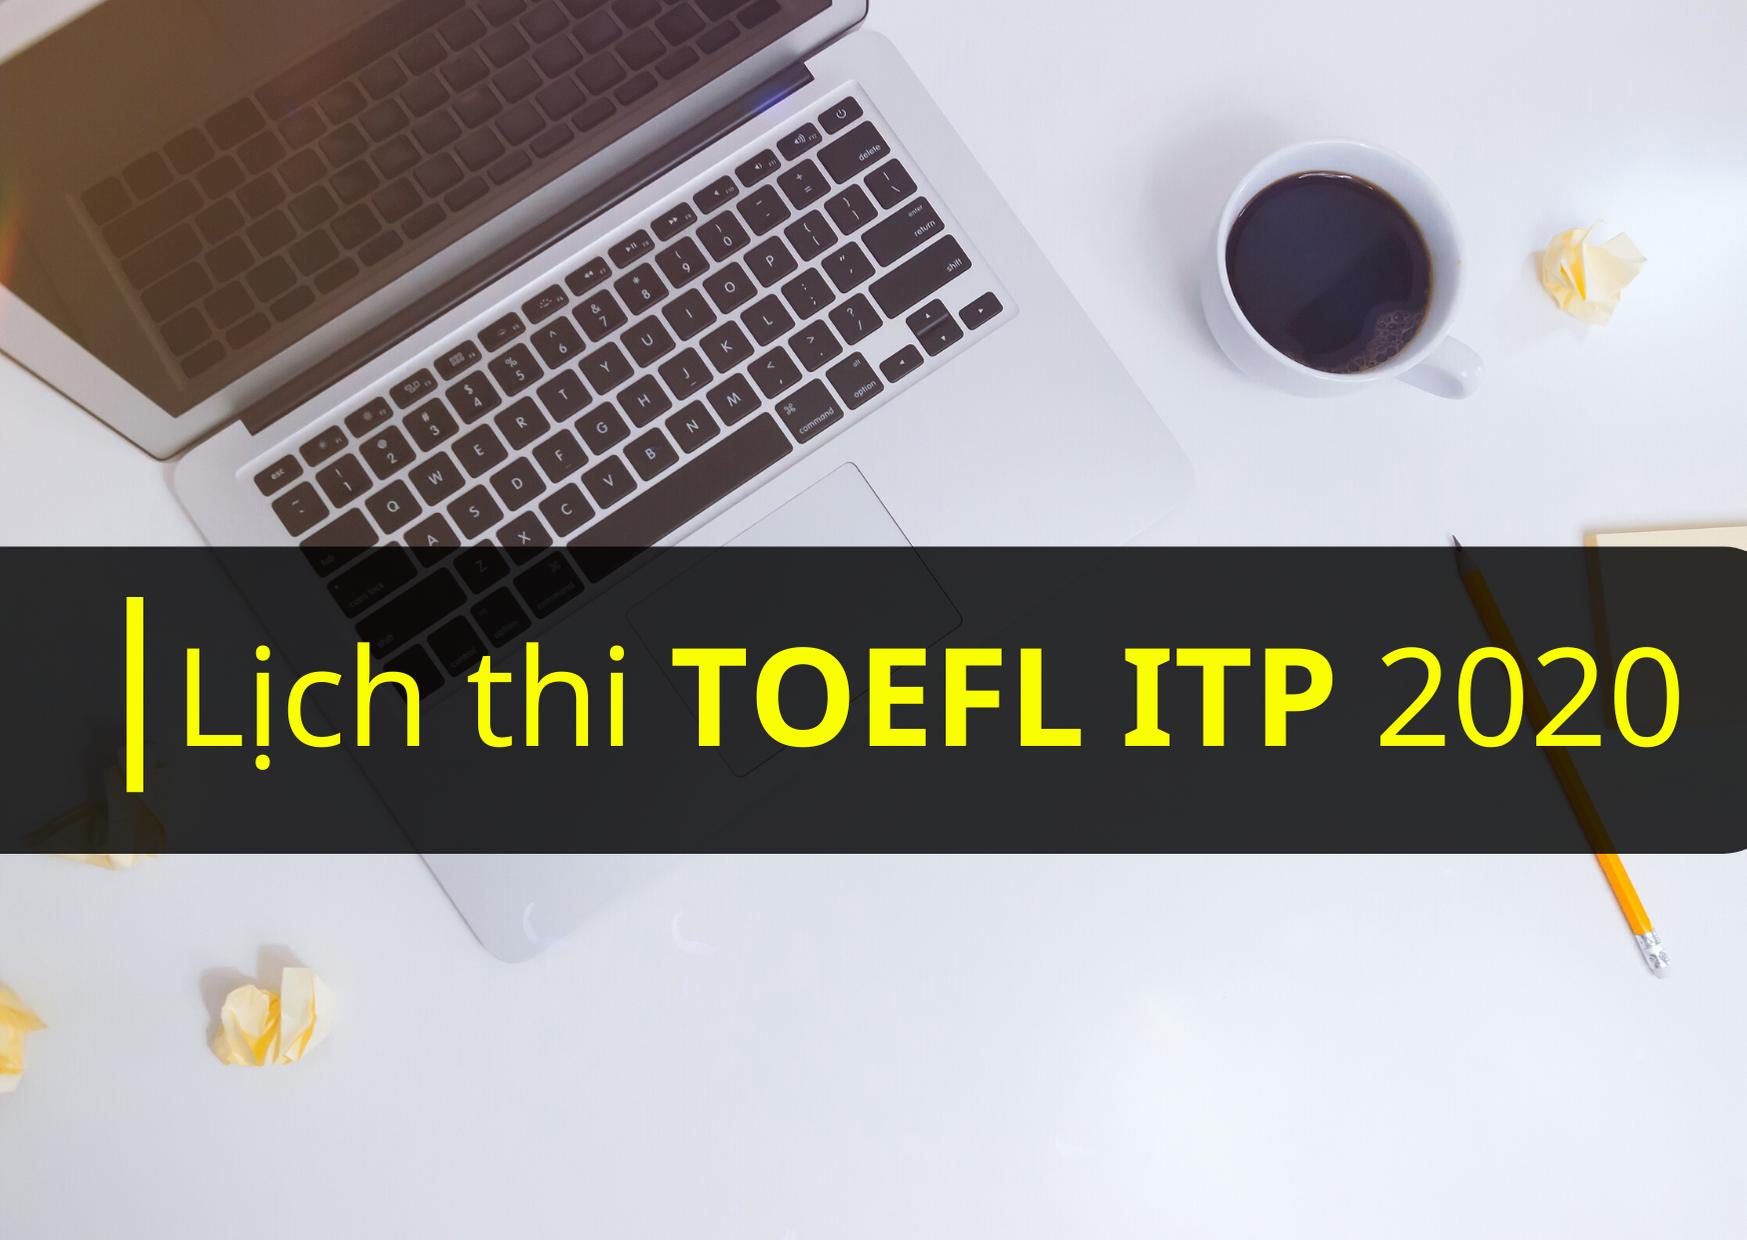 LỊCH THI TOEFL ITP TẠI THÁI NGUYÊN NĂM 2020 DO IIG TỔ CHỨC